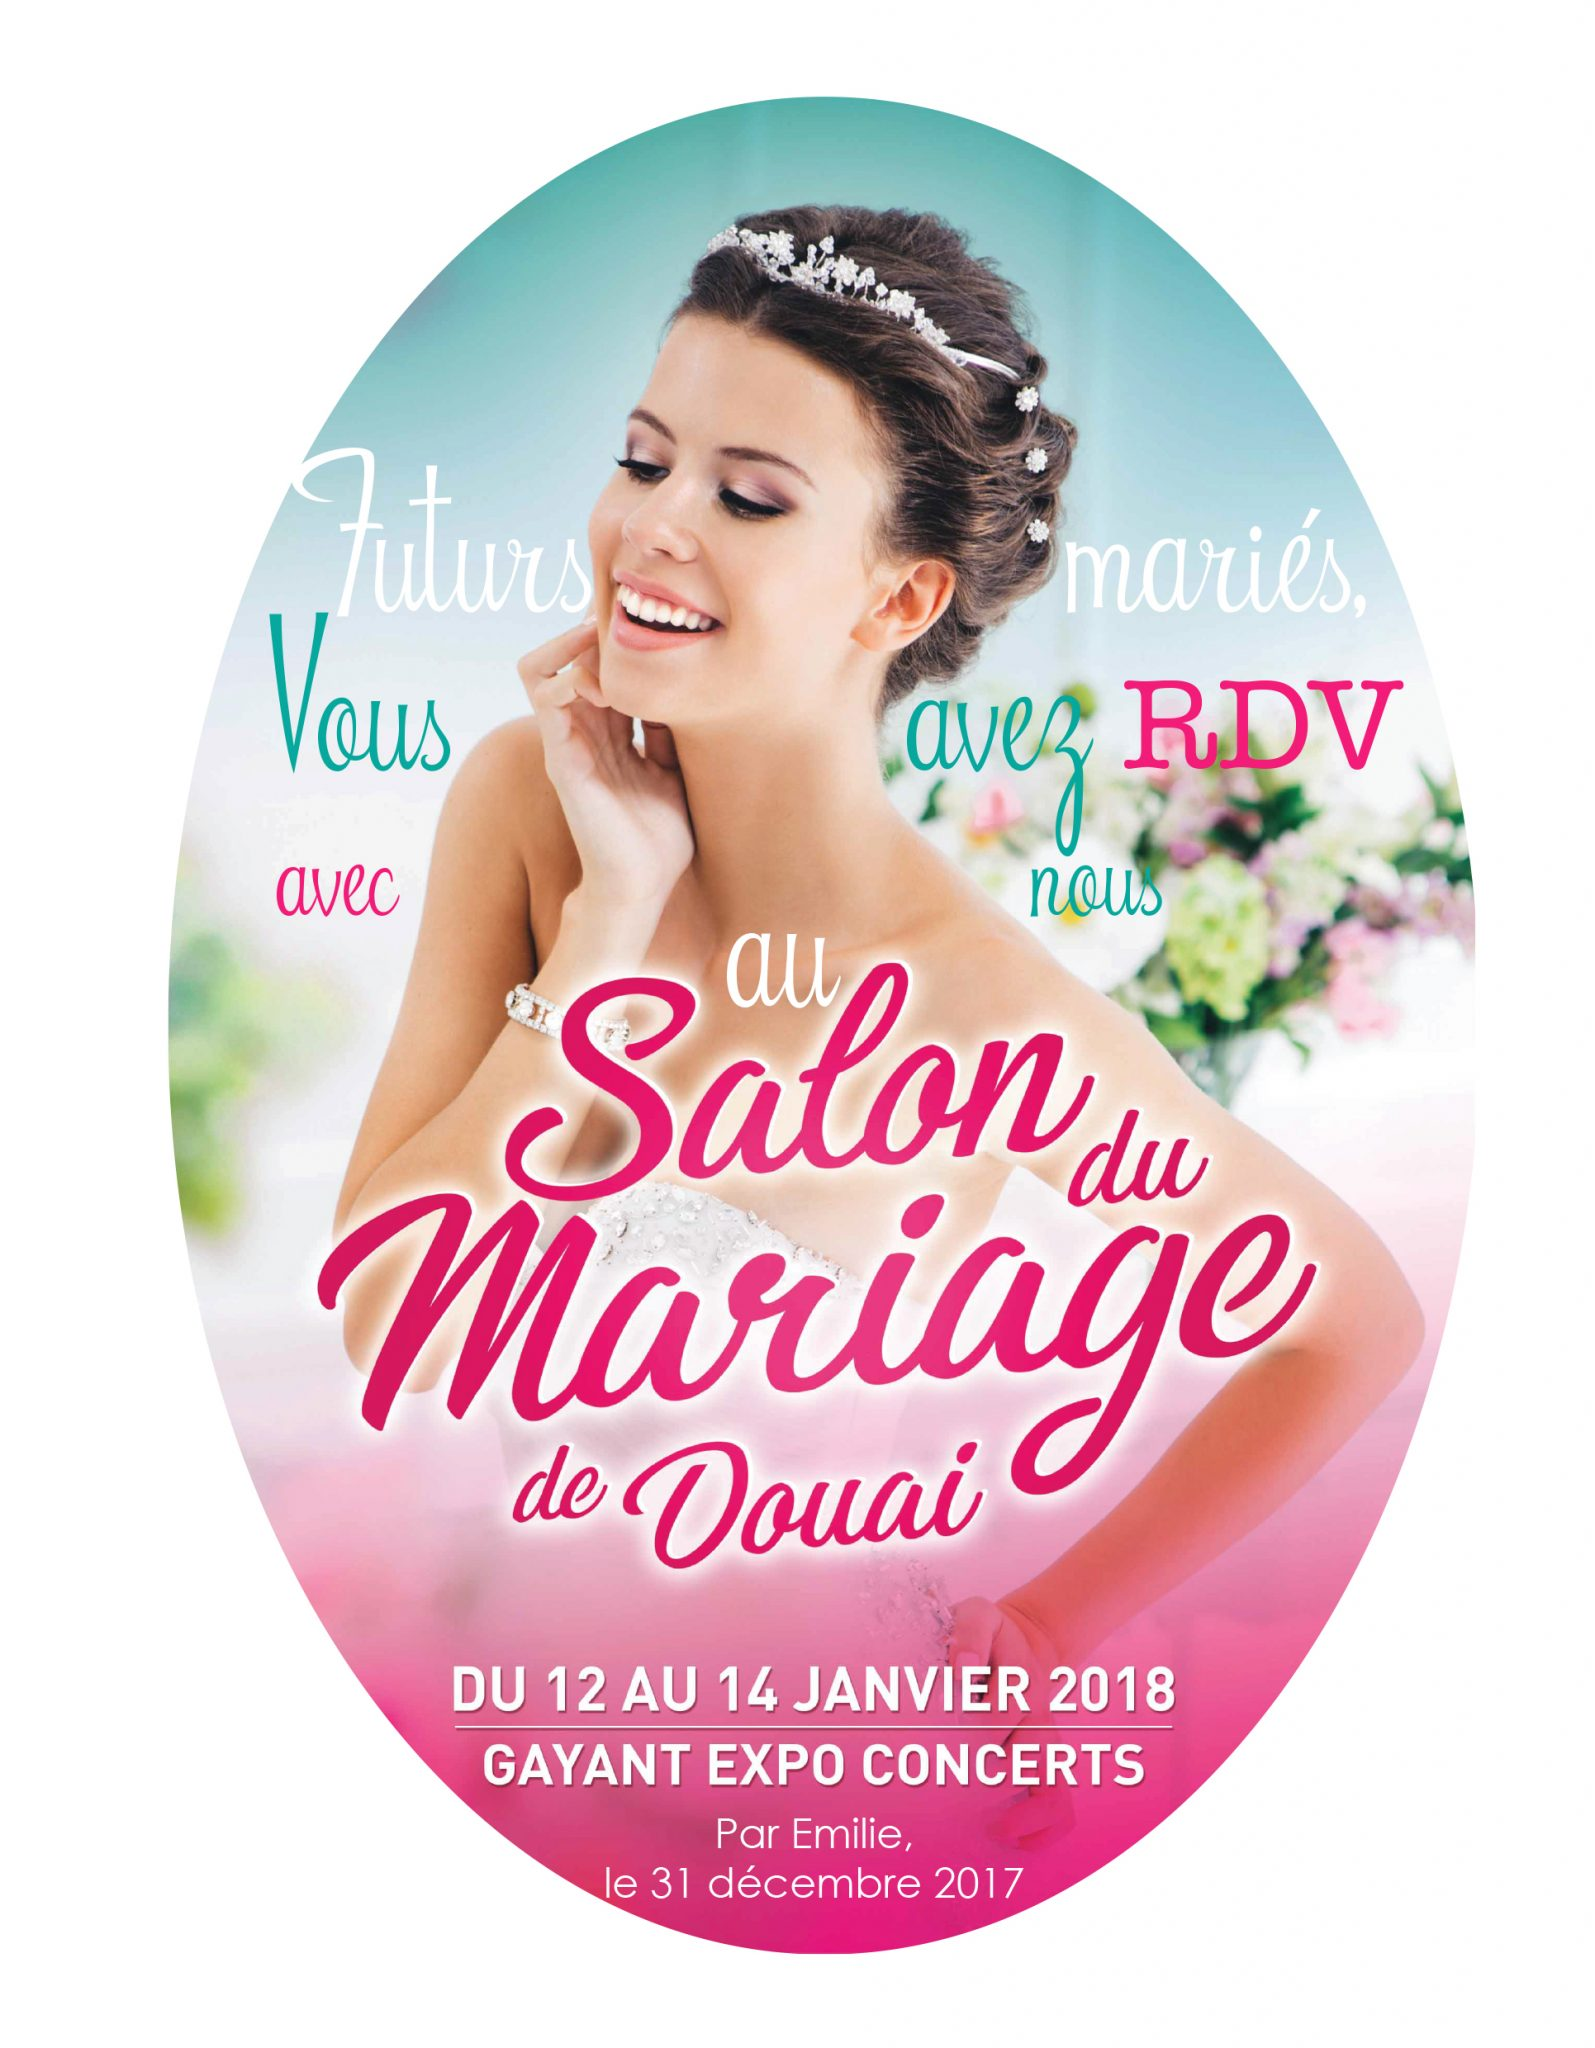 Futurs mari s rdv au salon du mariage de douai en - Salon de coiffure douai ...